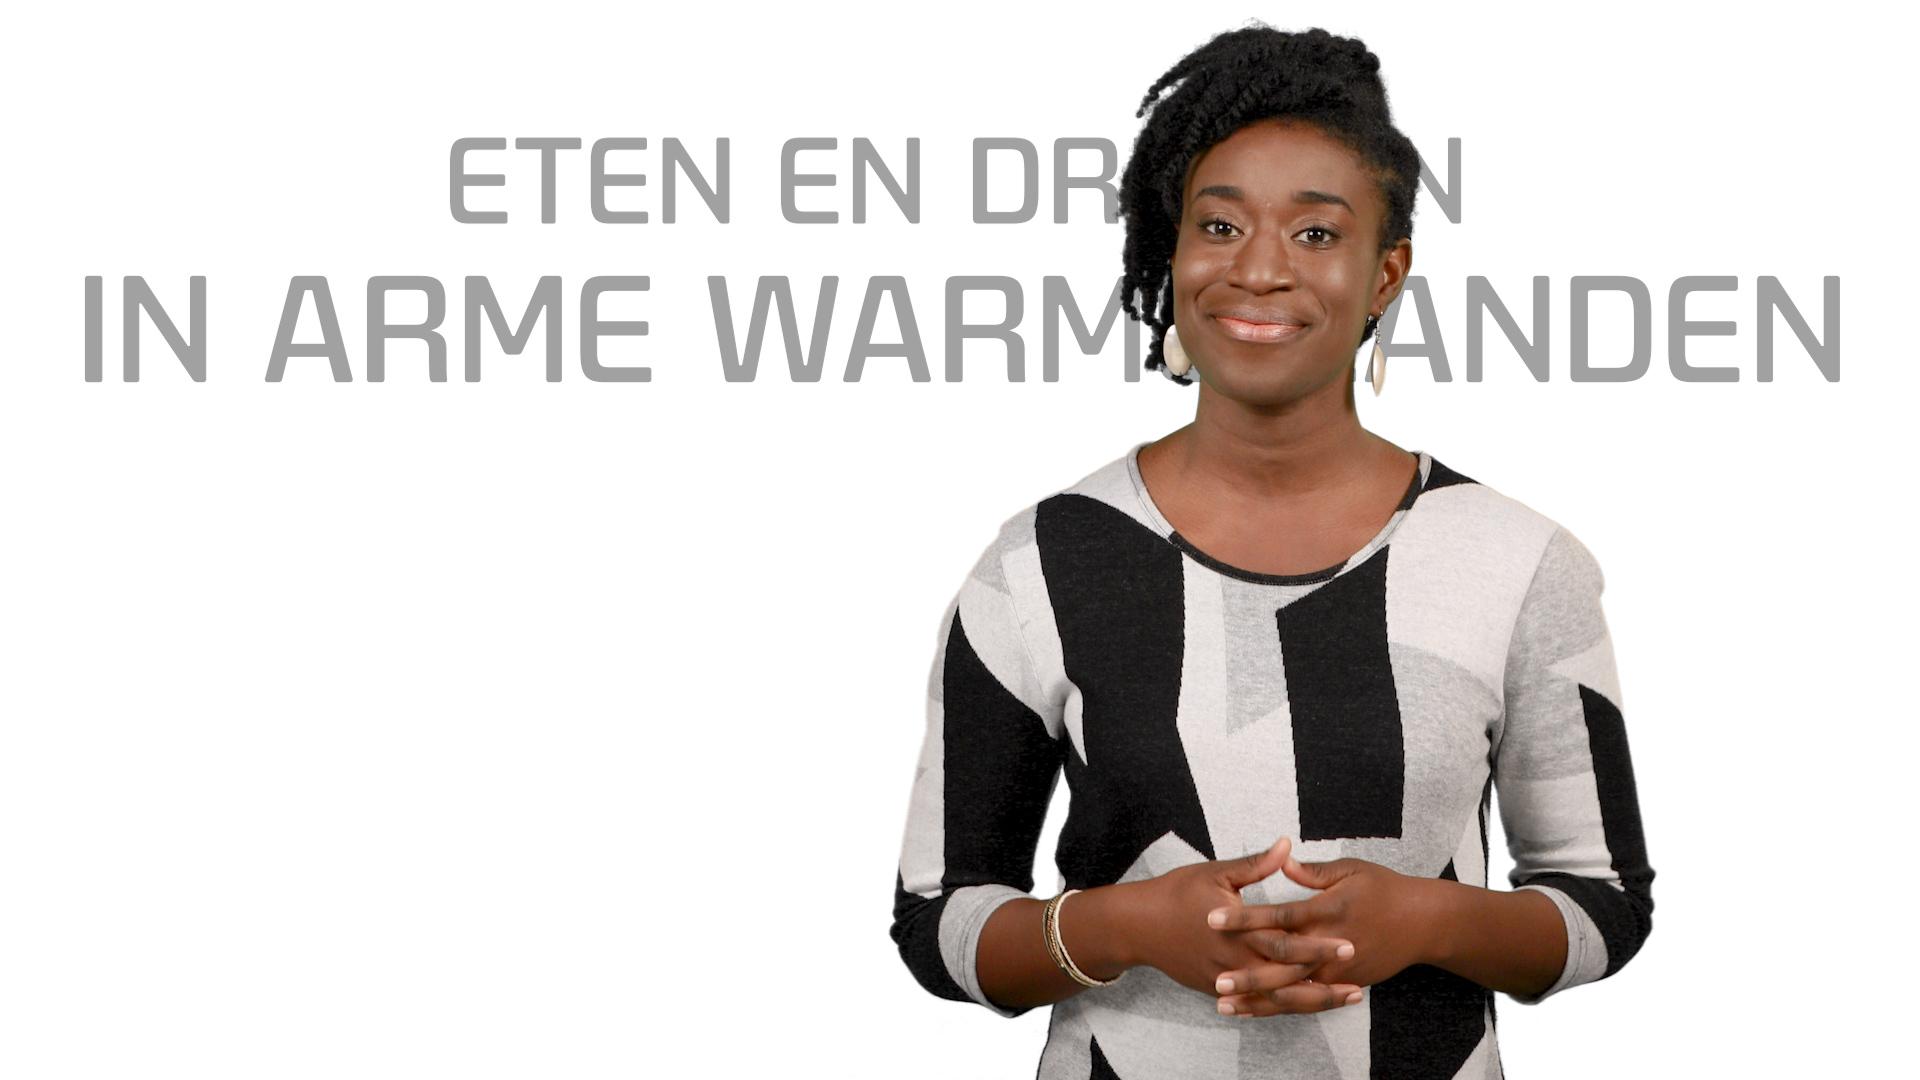 Bekijk de video: Eten en drinken in arme warme landen